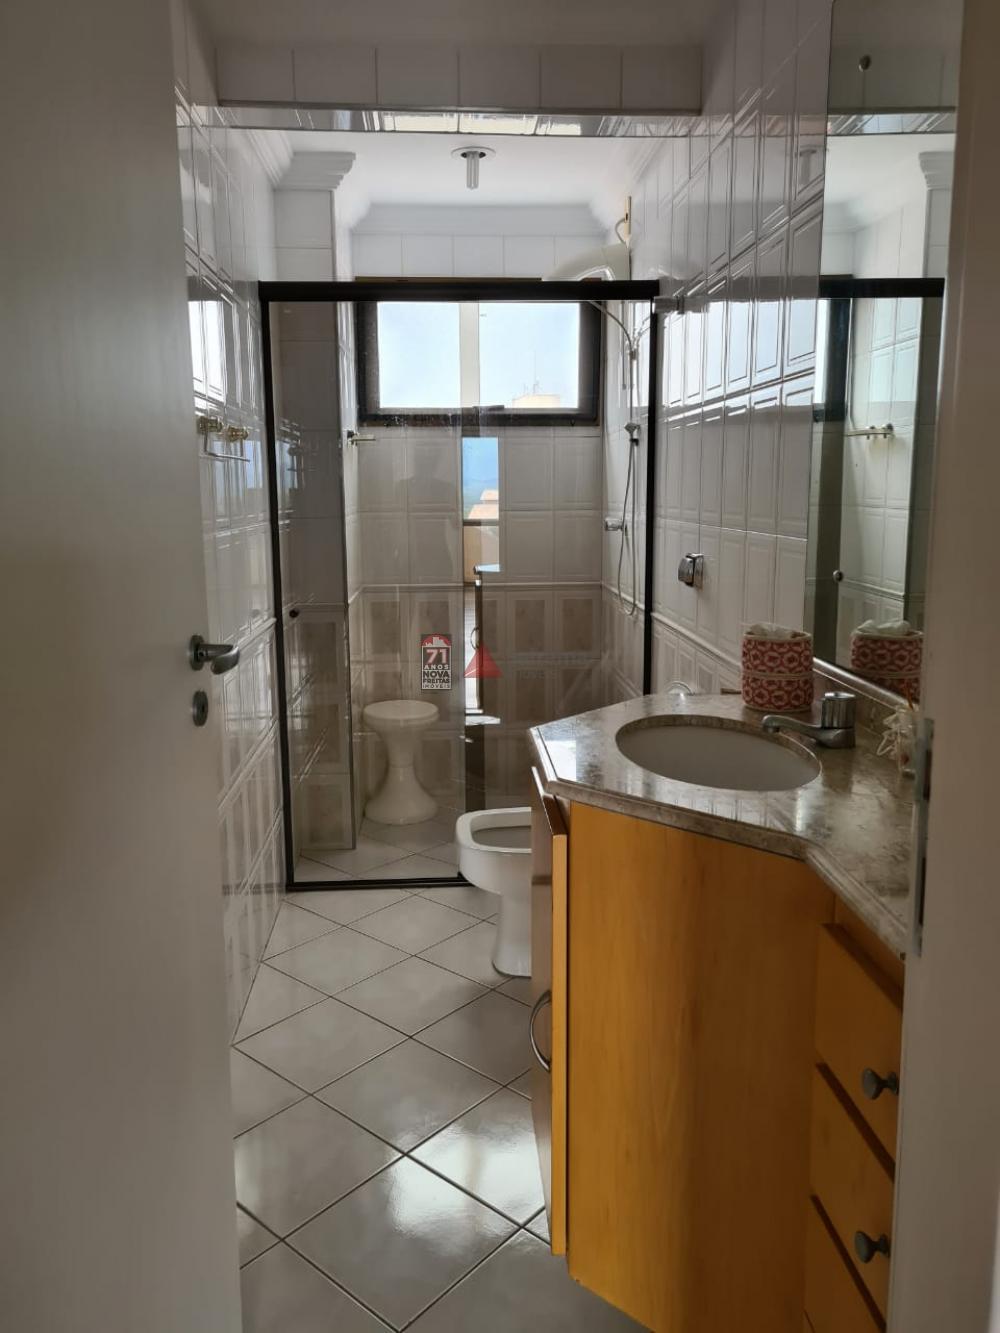 Comprar Apartamento / Padrão em Pindamonhangaba apenas R$ 430.000,00 - Foto 29